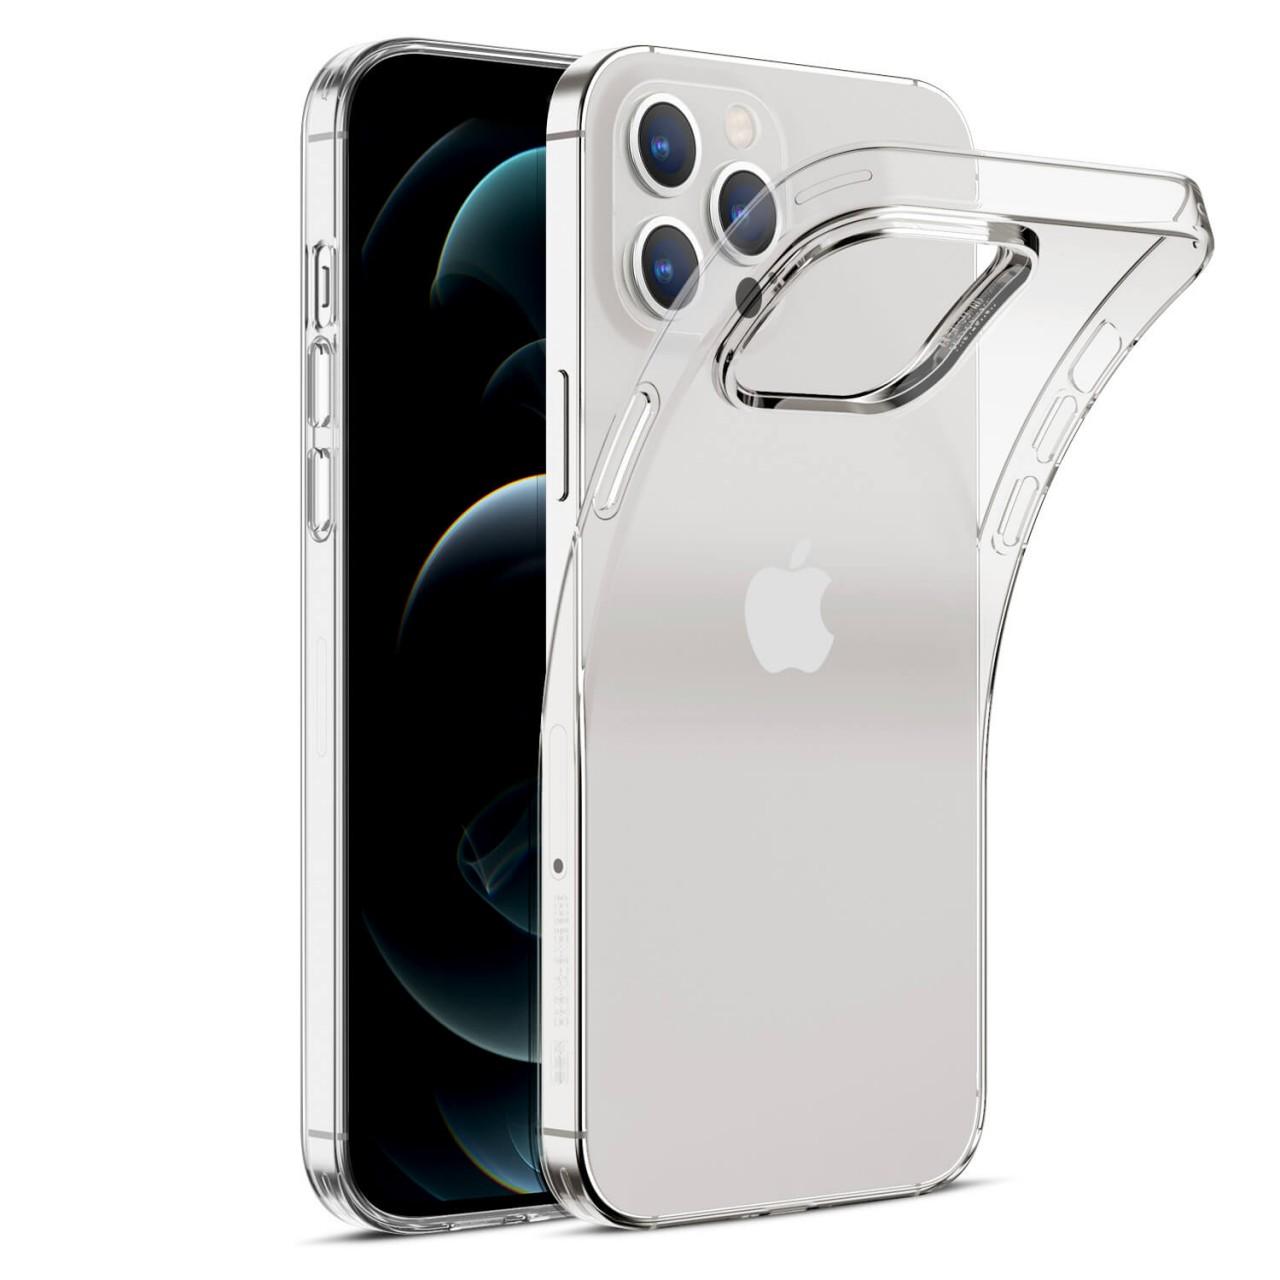 ΘΗΚΗ ΠΡΟΣΤΑΣΙΑΣ ΣΙΛΙΚΟΝΗΣ ΓΙΑ iPhone 12 / 12 Pro - BACK COVER SILICON CASE - NEW COLOR –ΔΙΑΦΑΝΗ